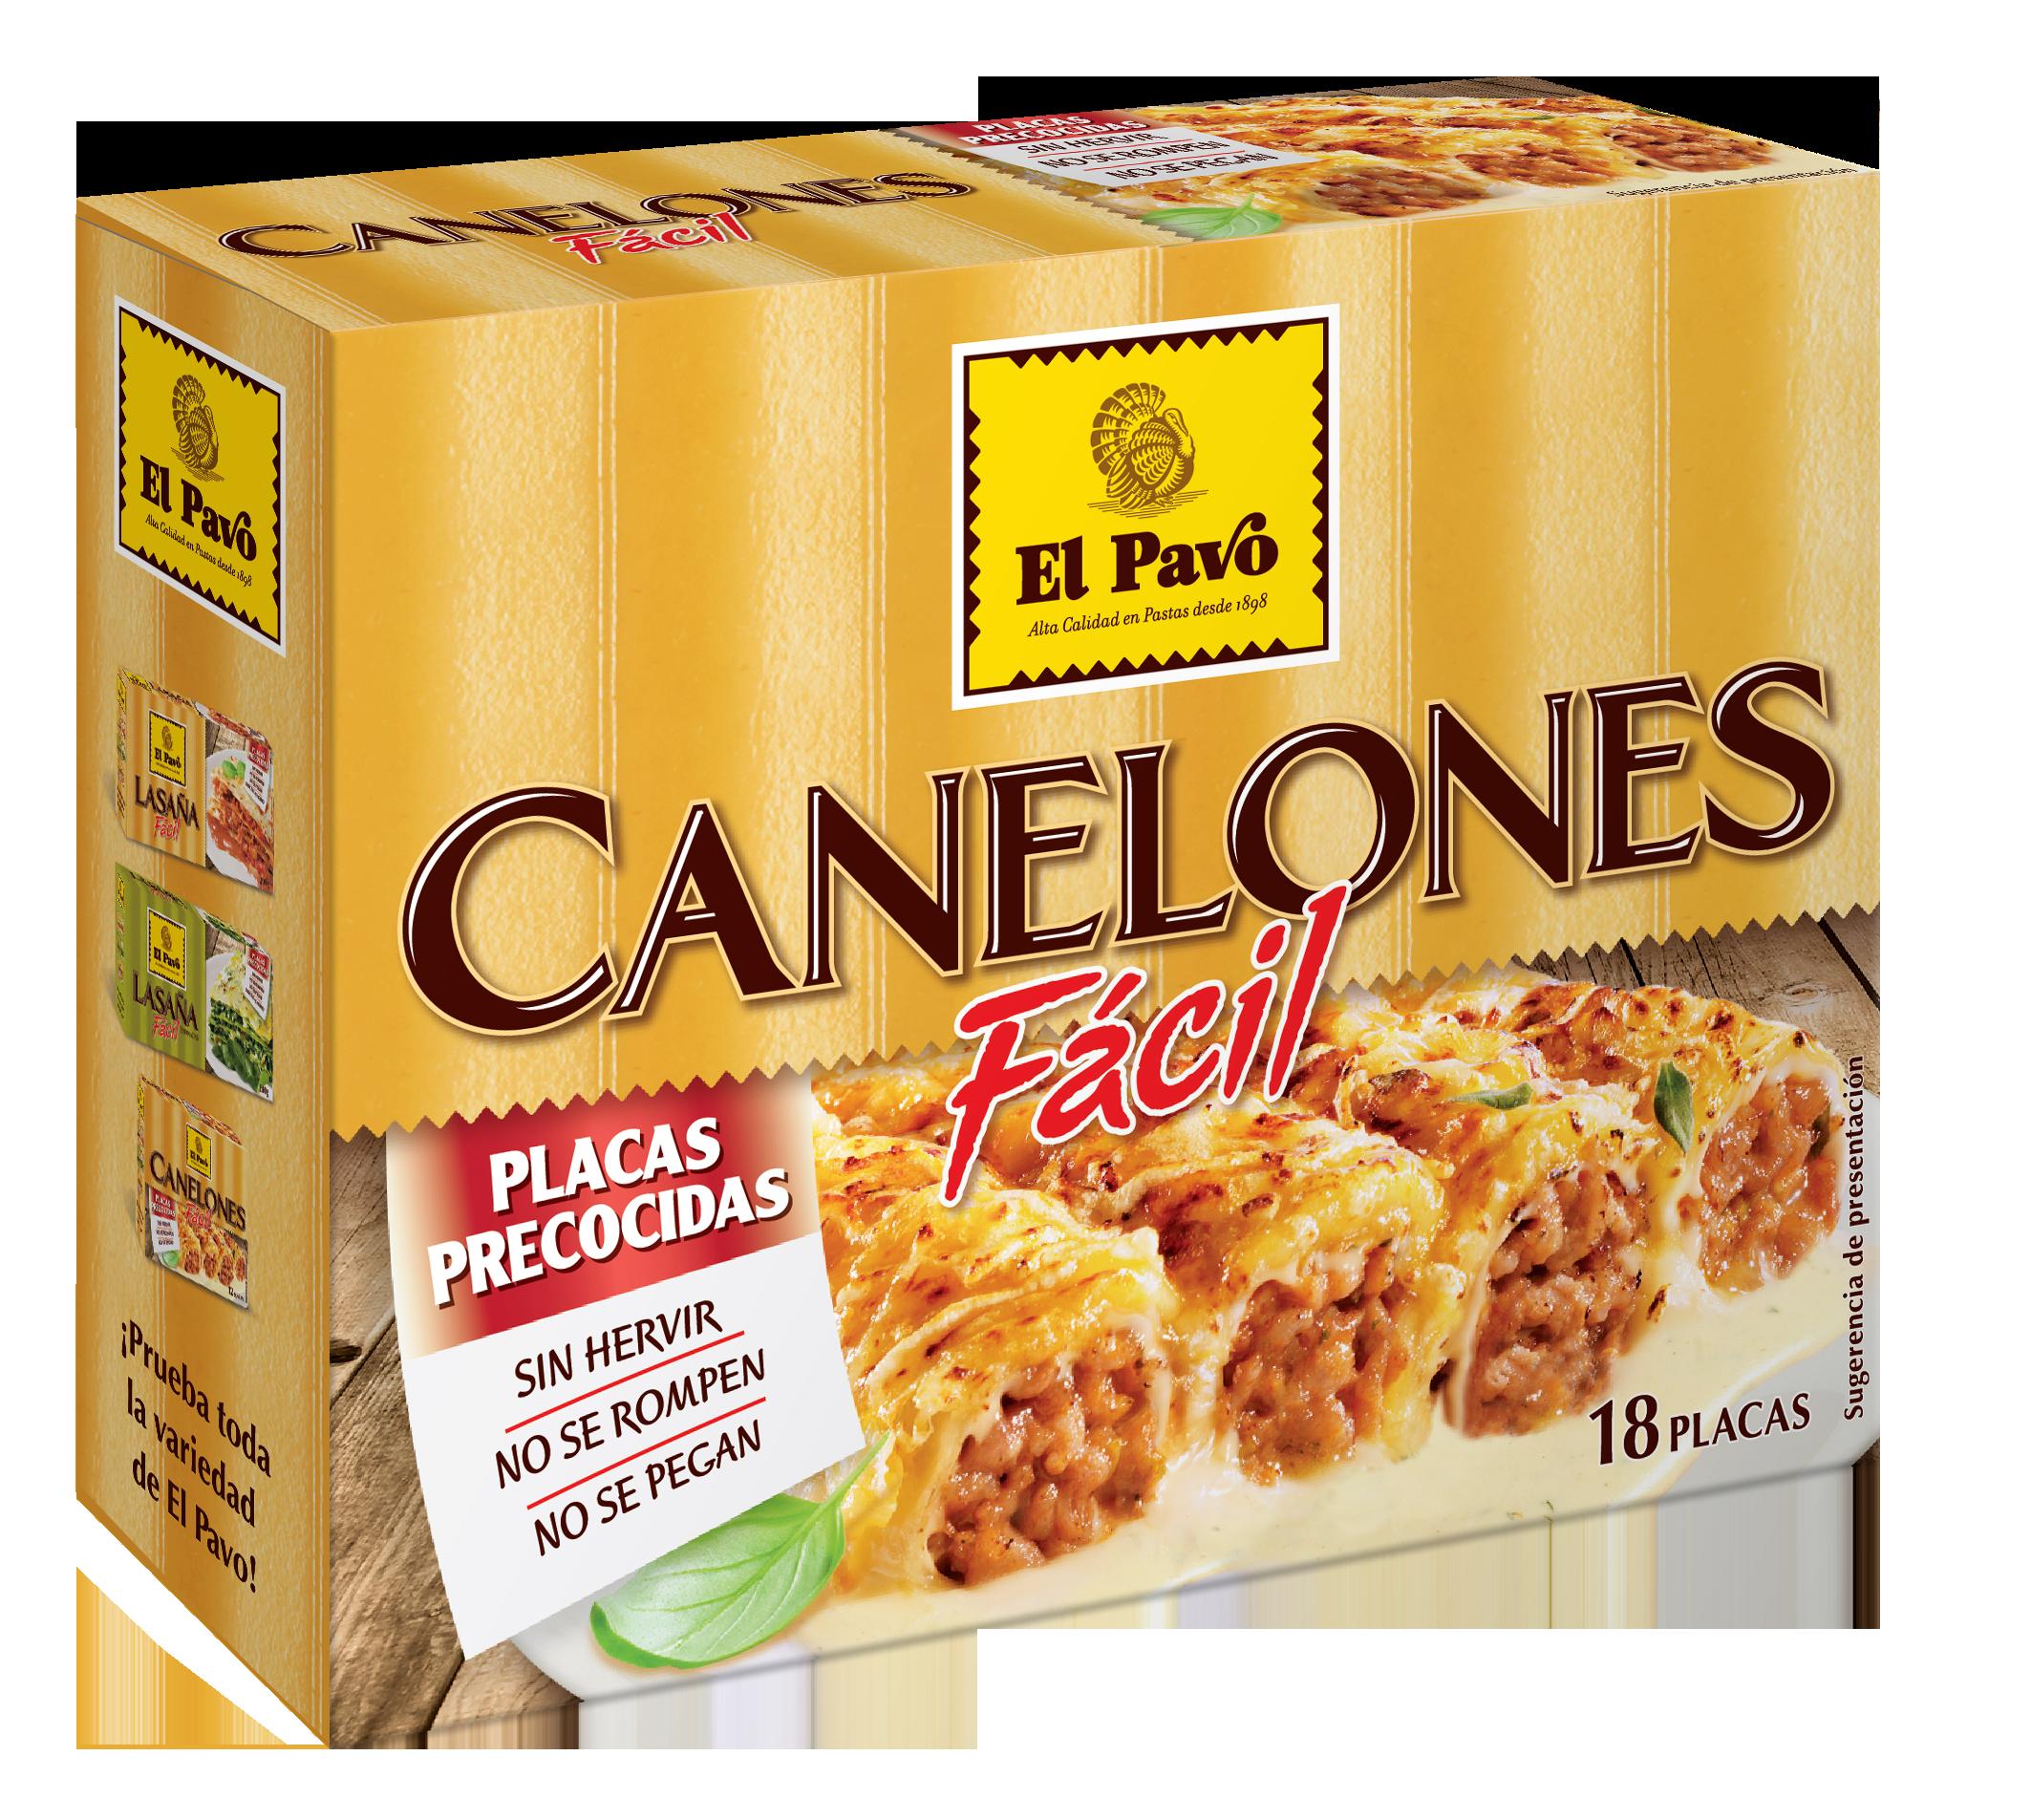 Canelones Fácil El Pavo